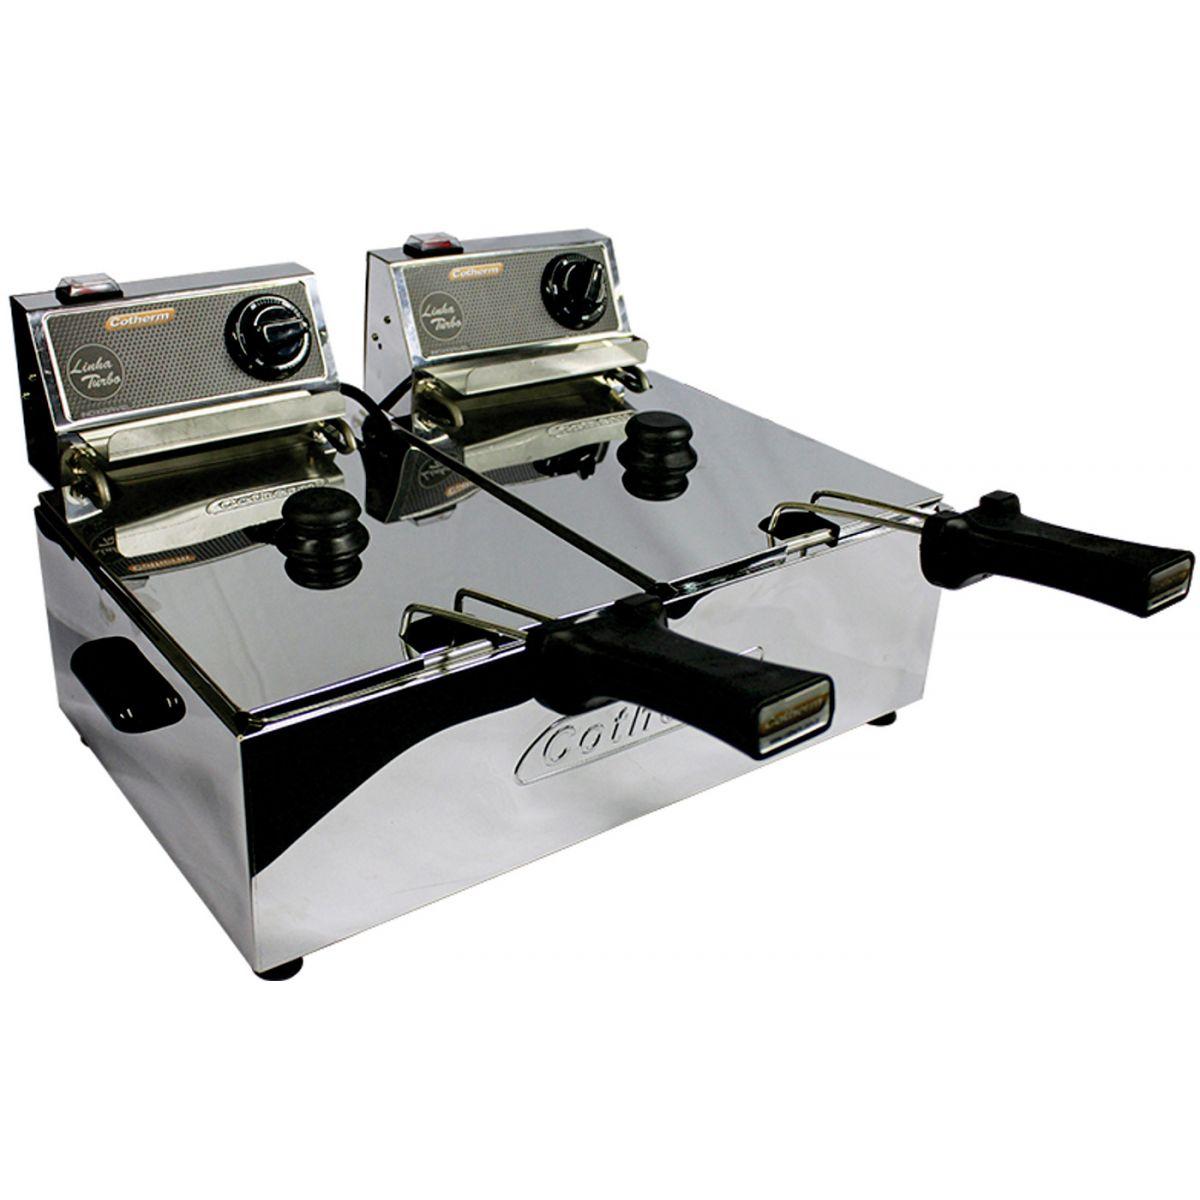 Fritadeira Elétrica 10 Litros 2 Cubas de 5 Litros Linha Turbo 7000W 220V Cotherm  - Mix Eletro